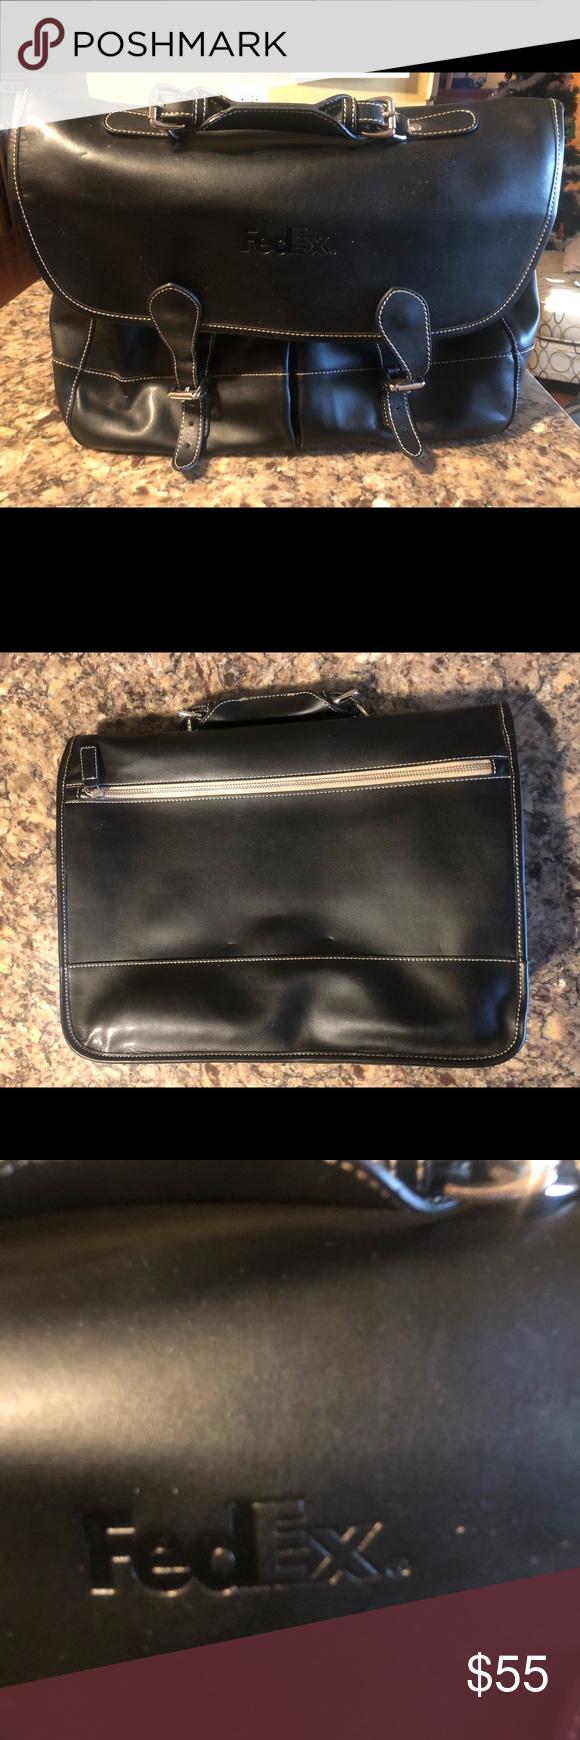 e517d7c1cef3 BARRINGTON Leather Laptop Messenger Bag FEDEX BARRINGTON Leather Laptop  Tablet Messenger Bag FEDEX Good condition with